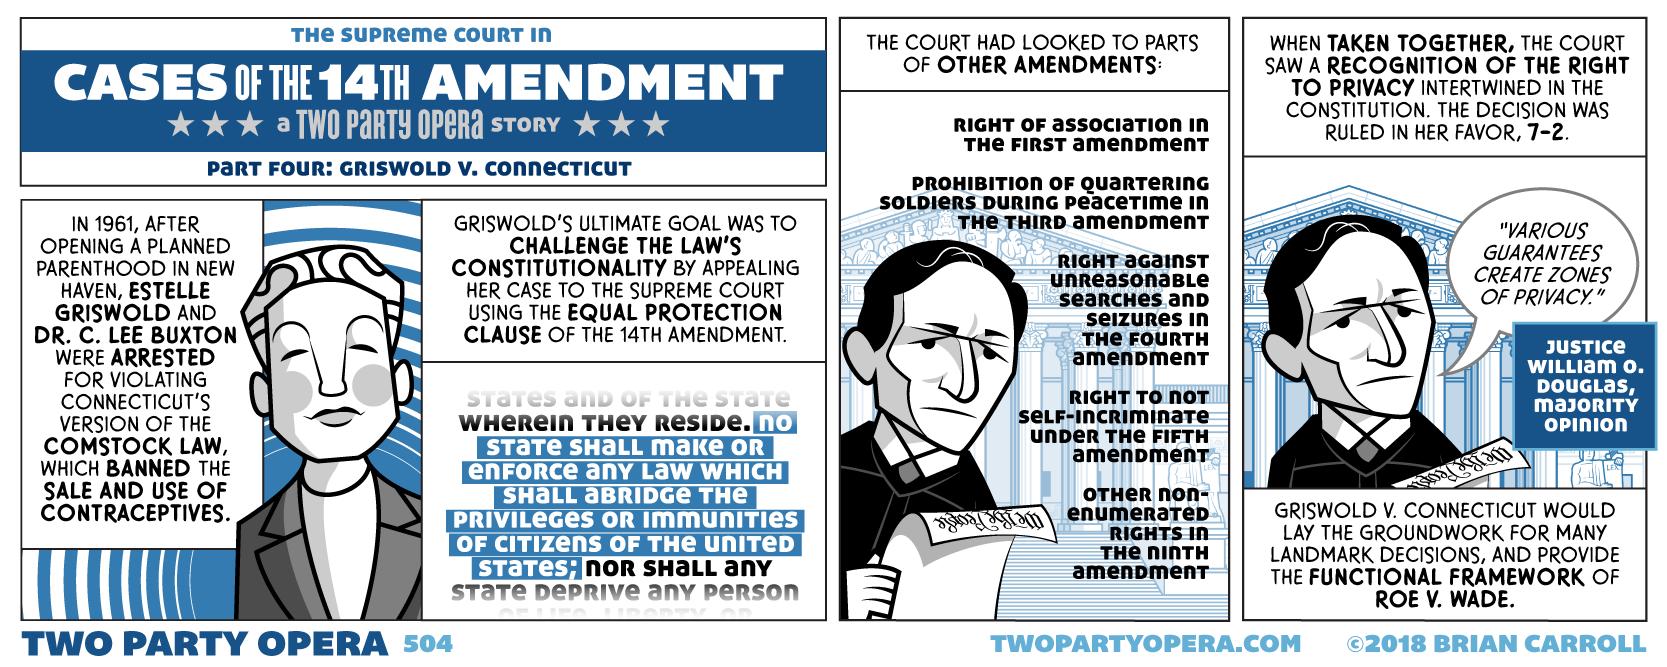 Cases of the 14th Amendment – Part Four: Griswold v. Connecticut